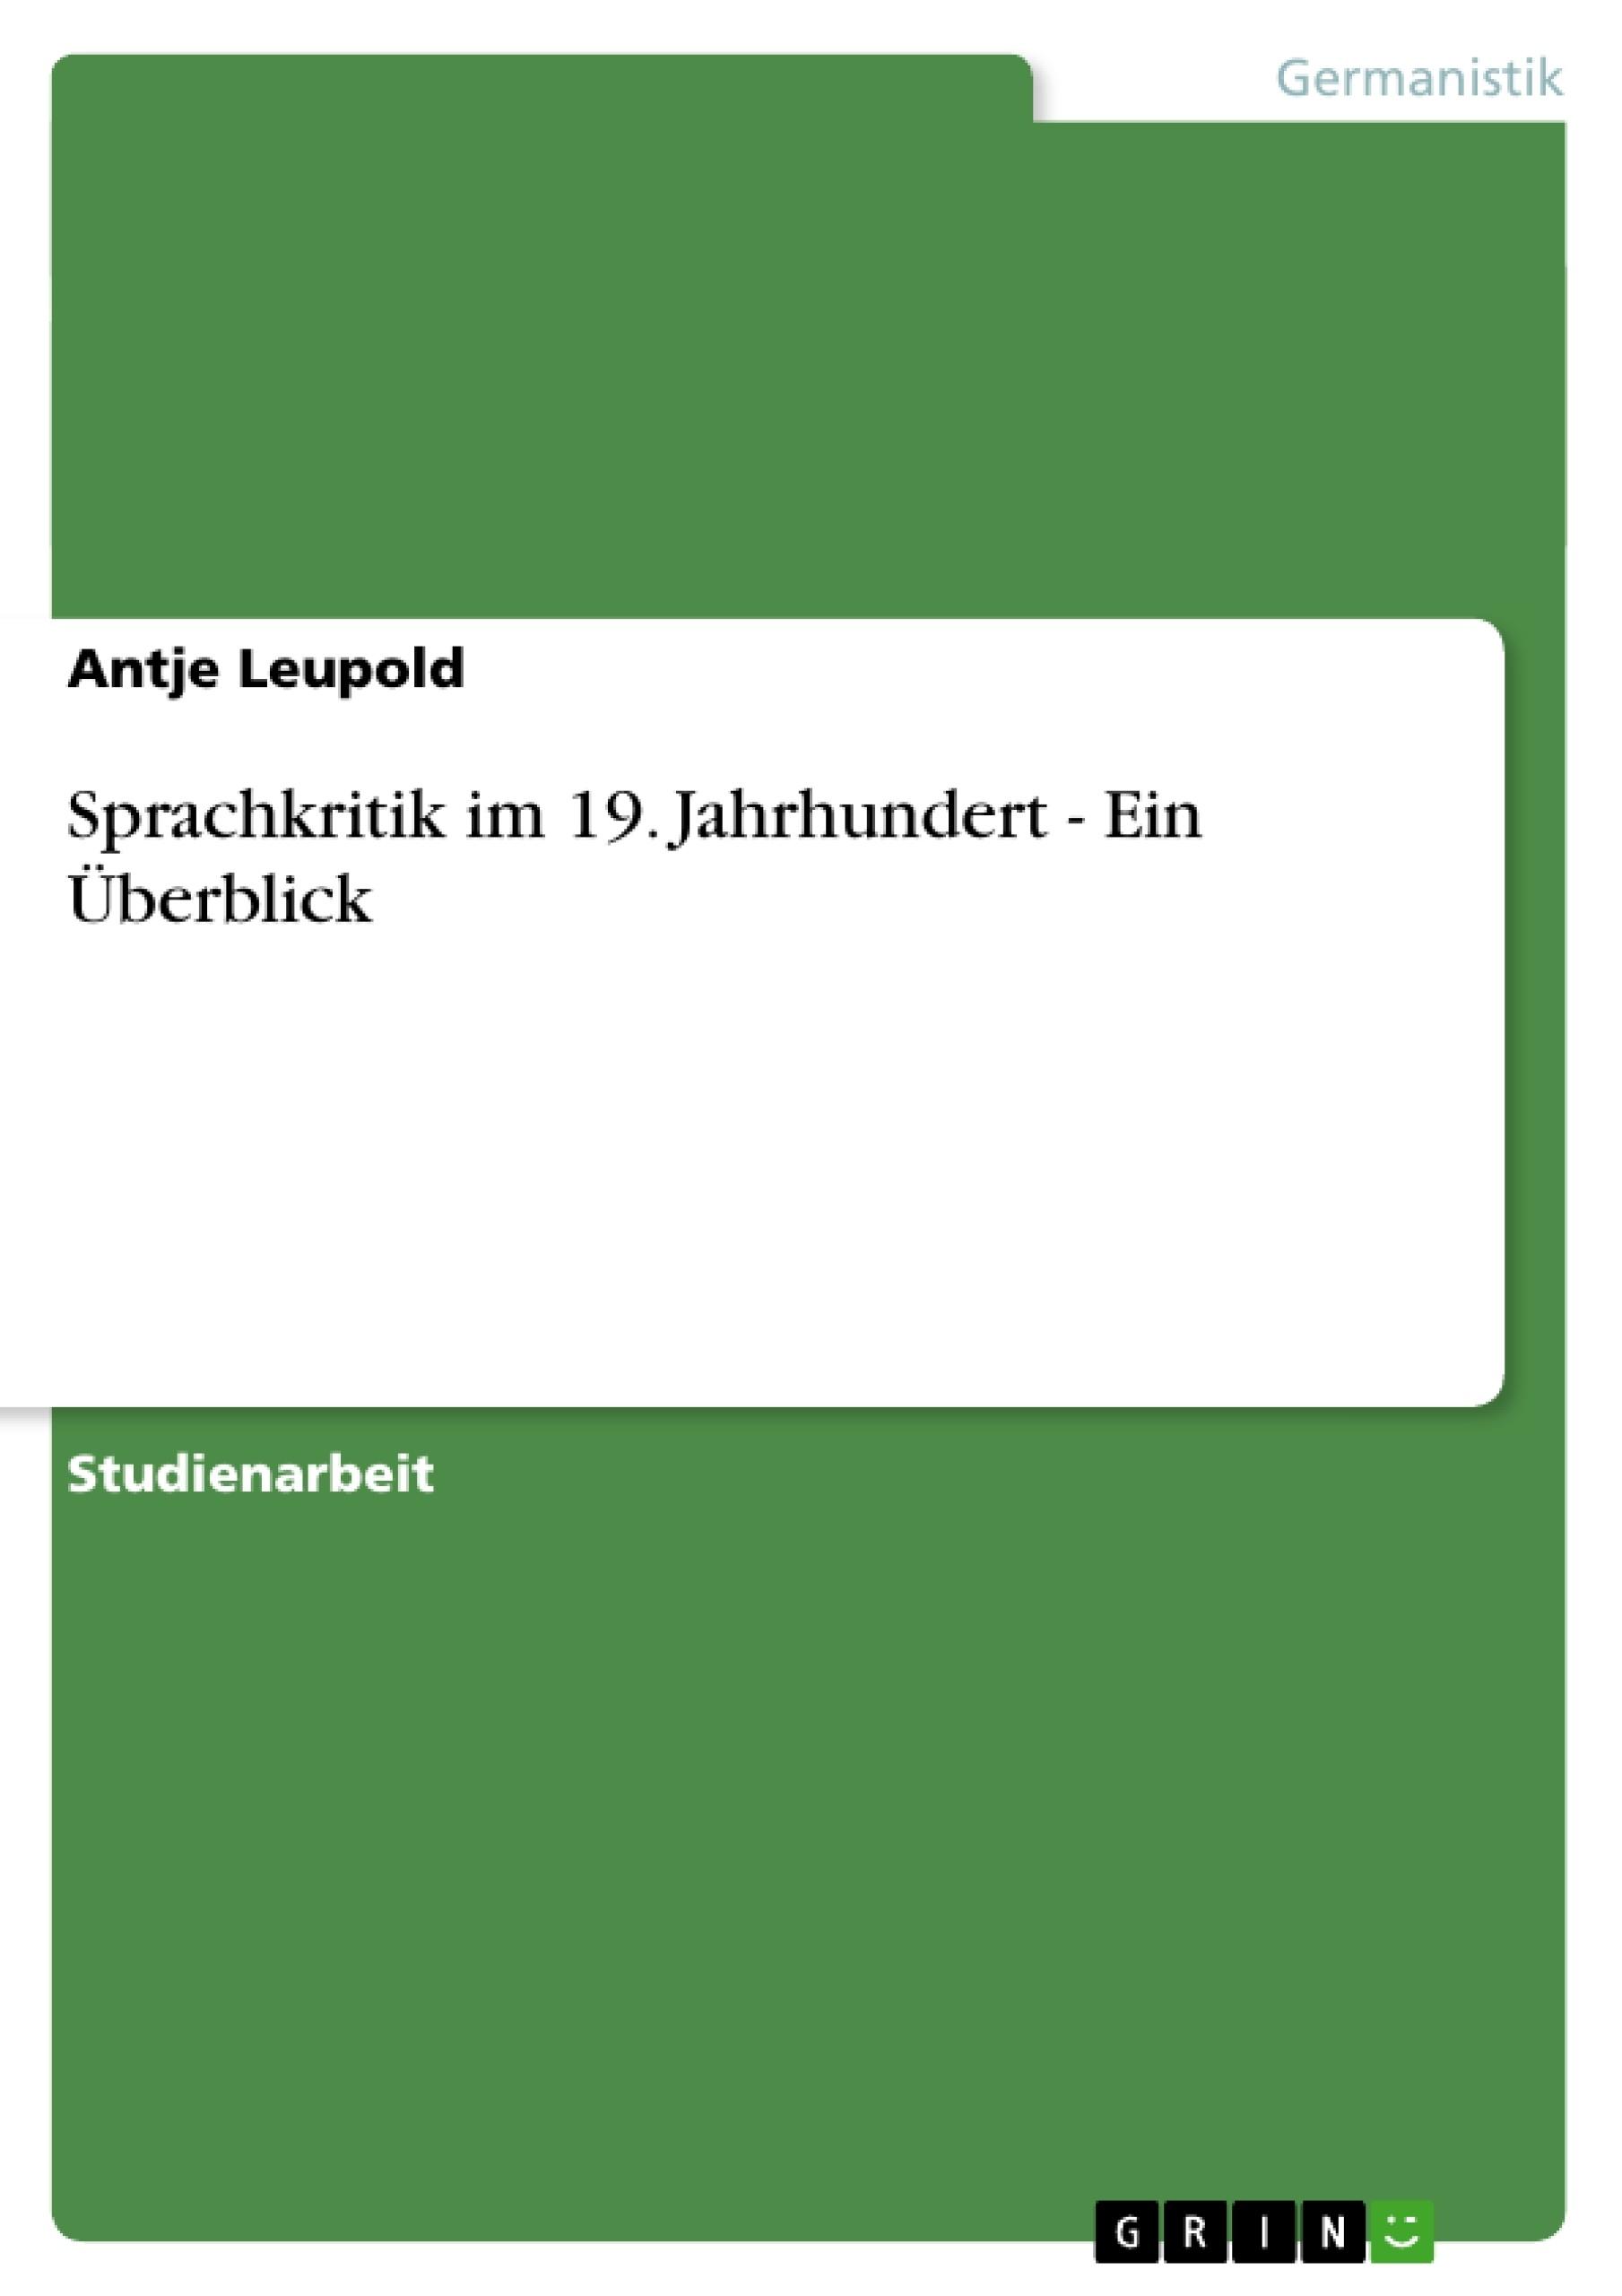 Titel: Sprachkritik im 19. Jahrhundert - Ein Überblick